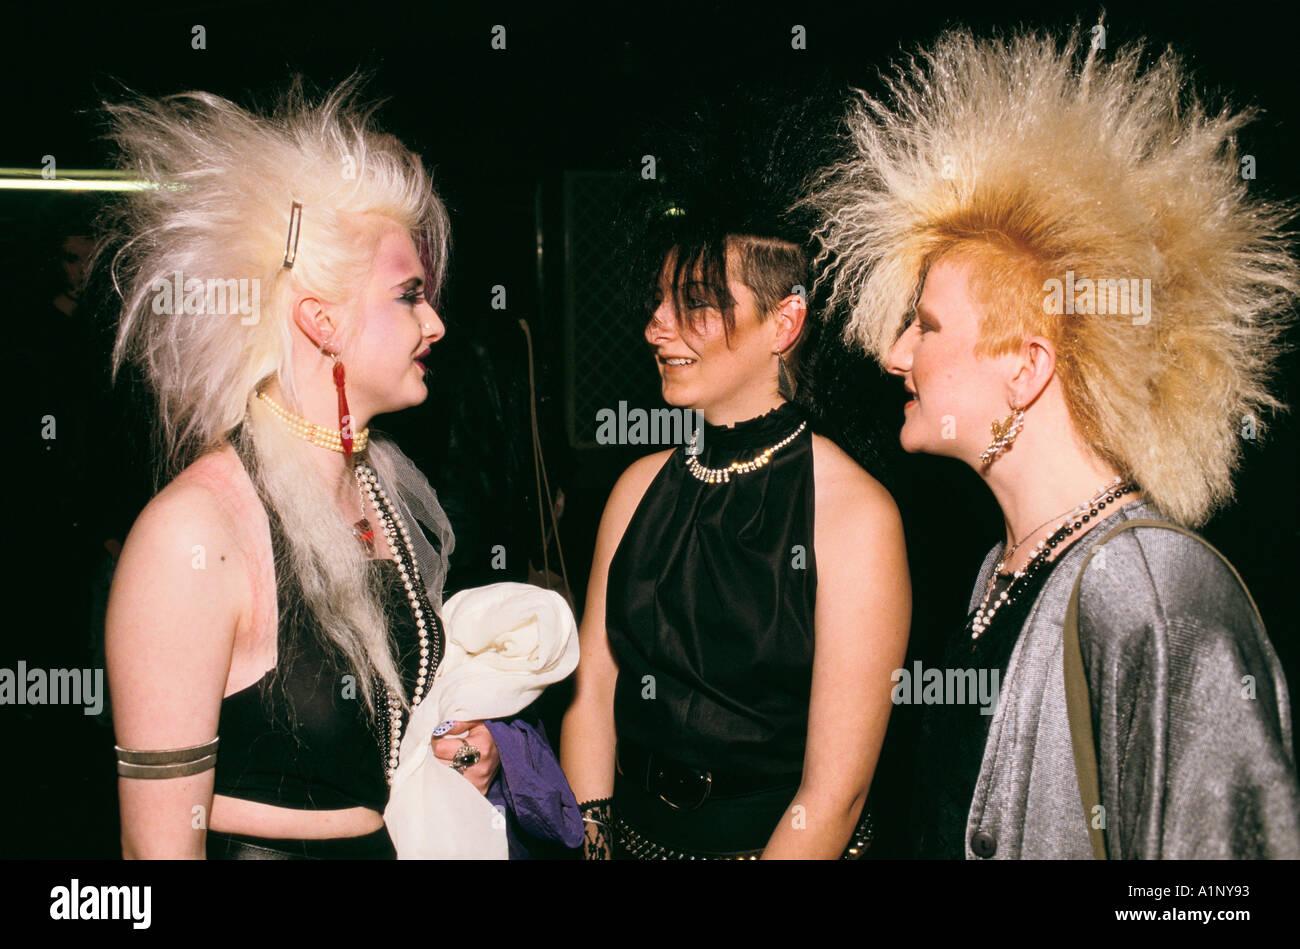 Romantici nuovi giovani seguaci del culto del pop band Sigue Sigue Sputnik degli anni ottanta 80S UK HOMER SYKES Immagini Stock